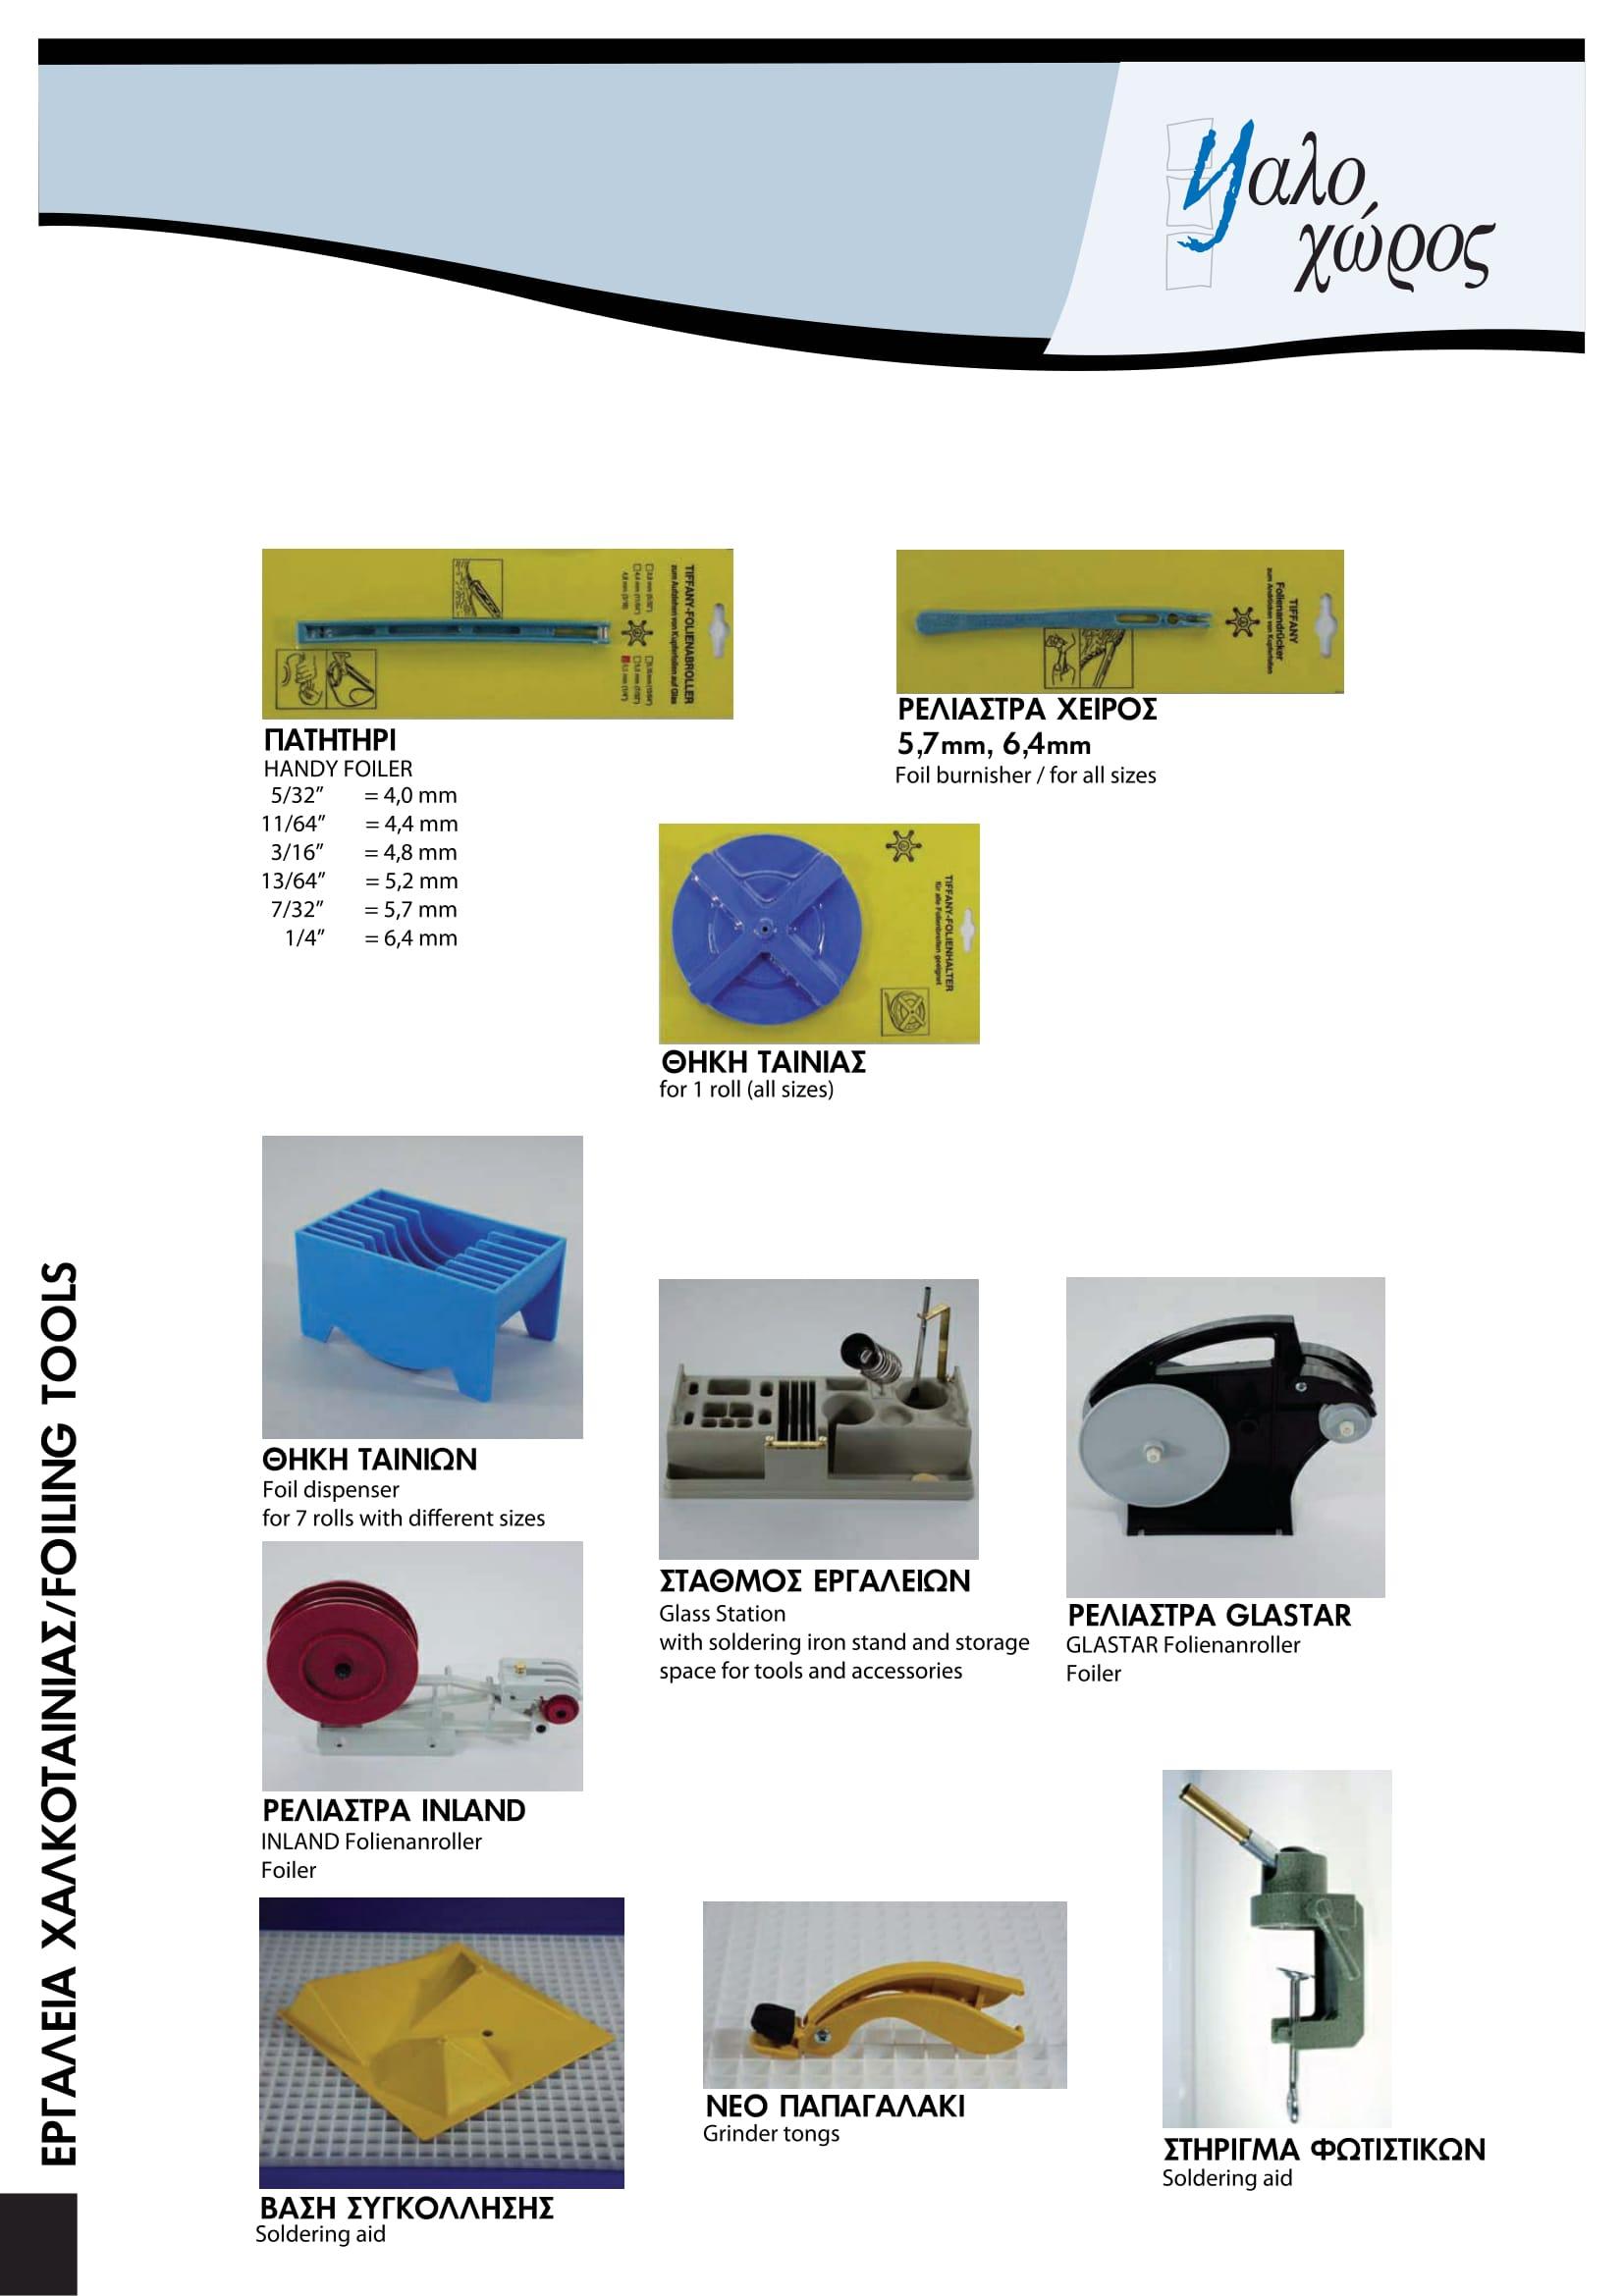 11. Εργαλεία χαλκοταινίας